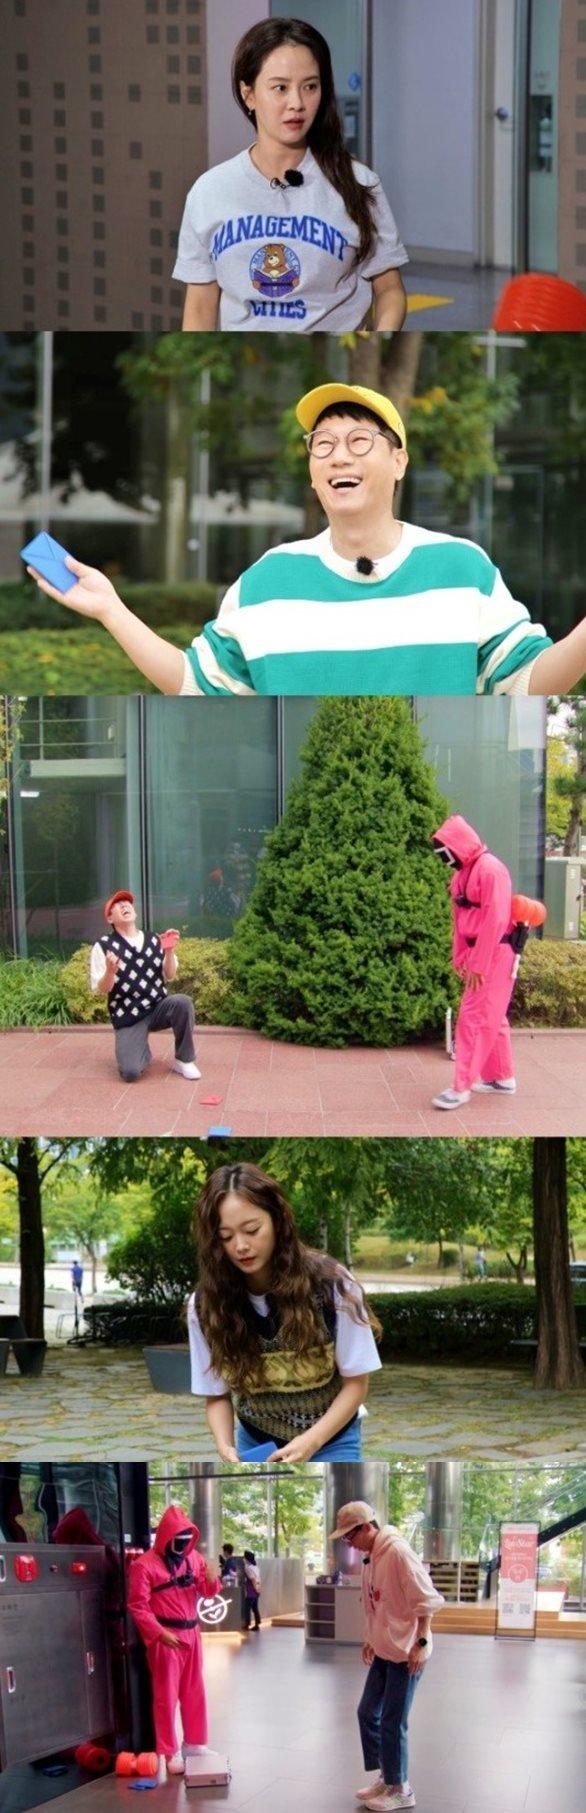 '런닝맨', '오징어 게임' 재해석한다…멤버들의 딱지치기 실력은?